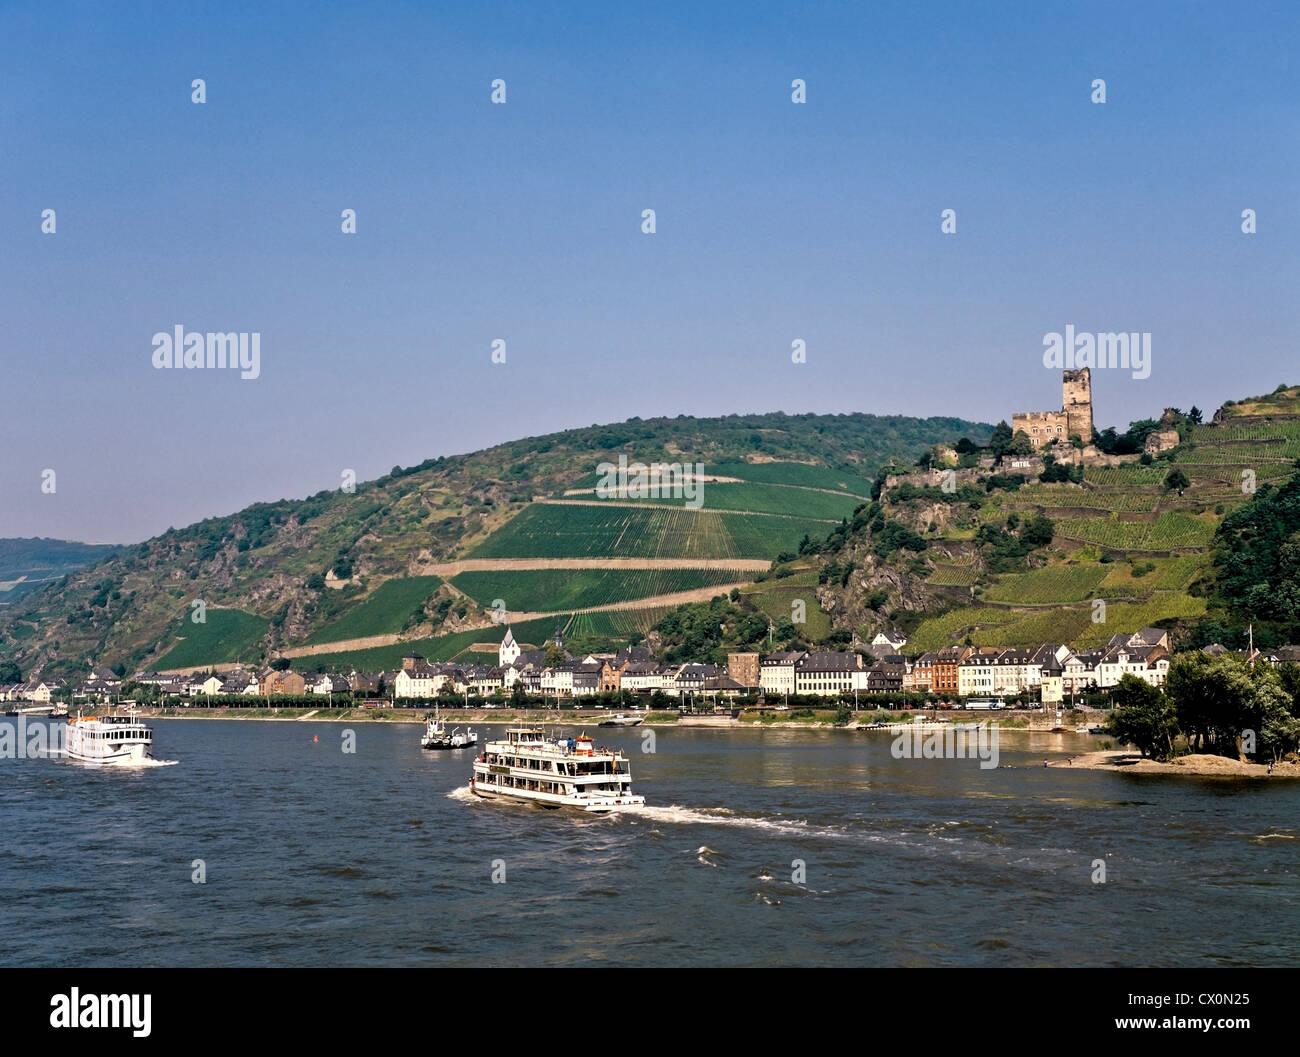 8217. Kaub, Pfalz Castle & R Rhine, Germany, Europe Stock Photo